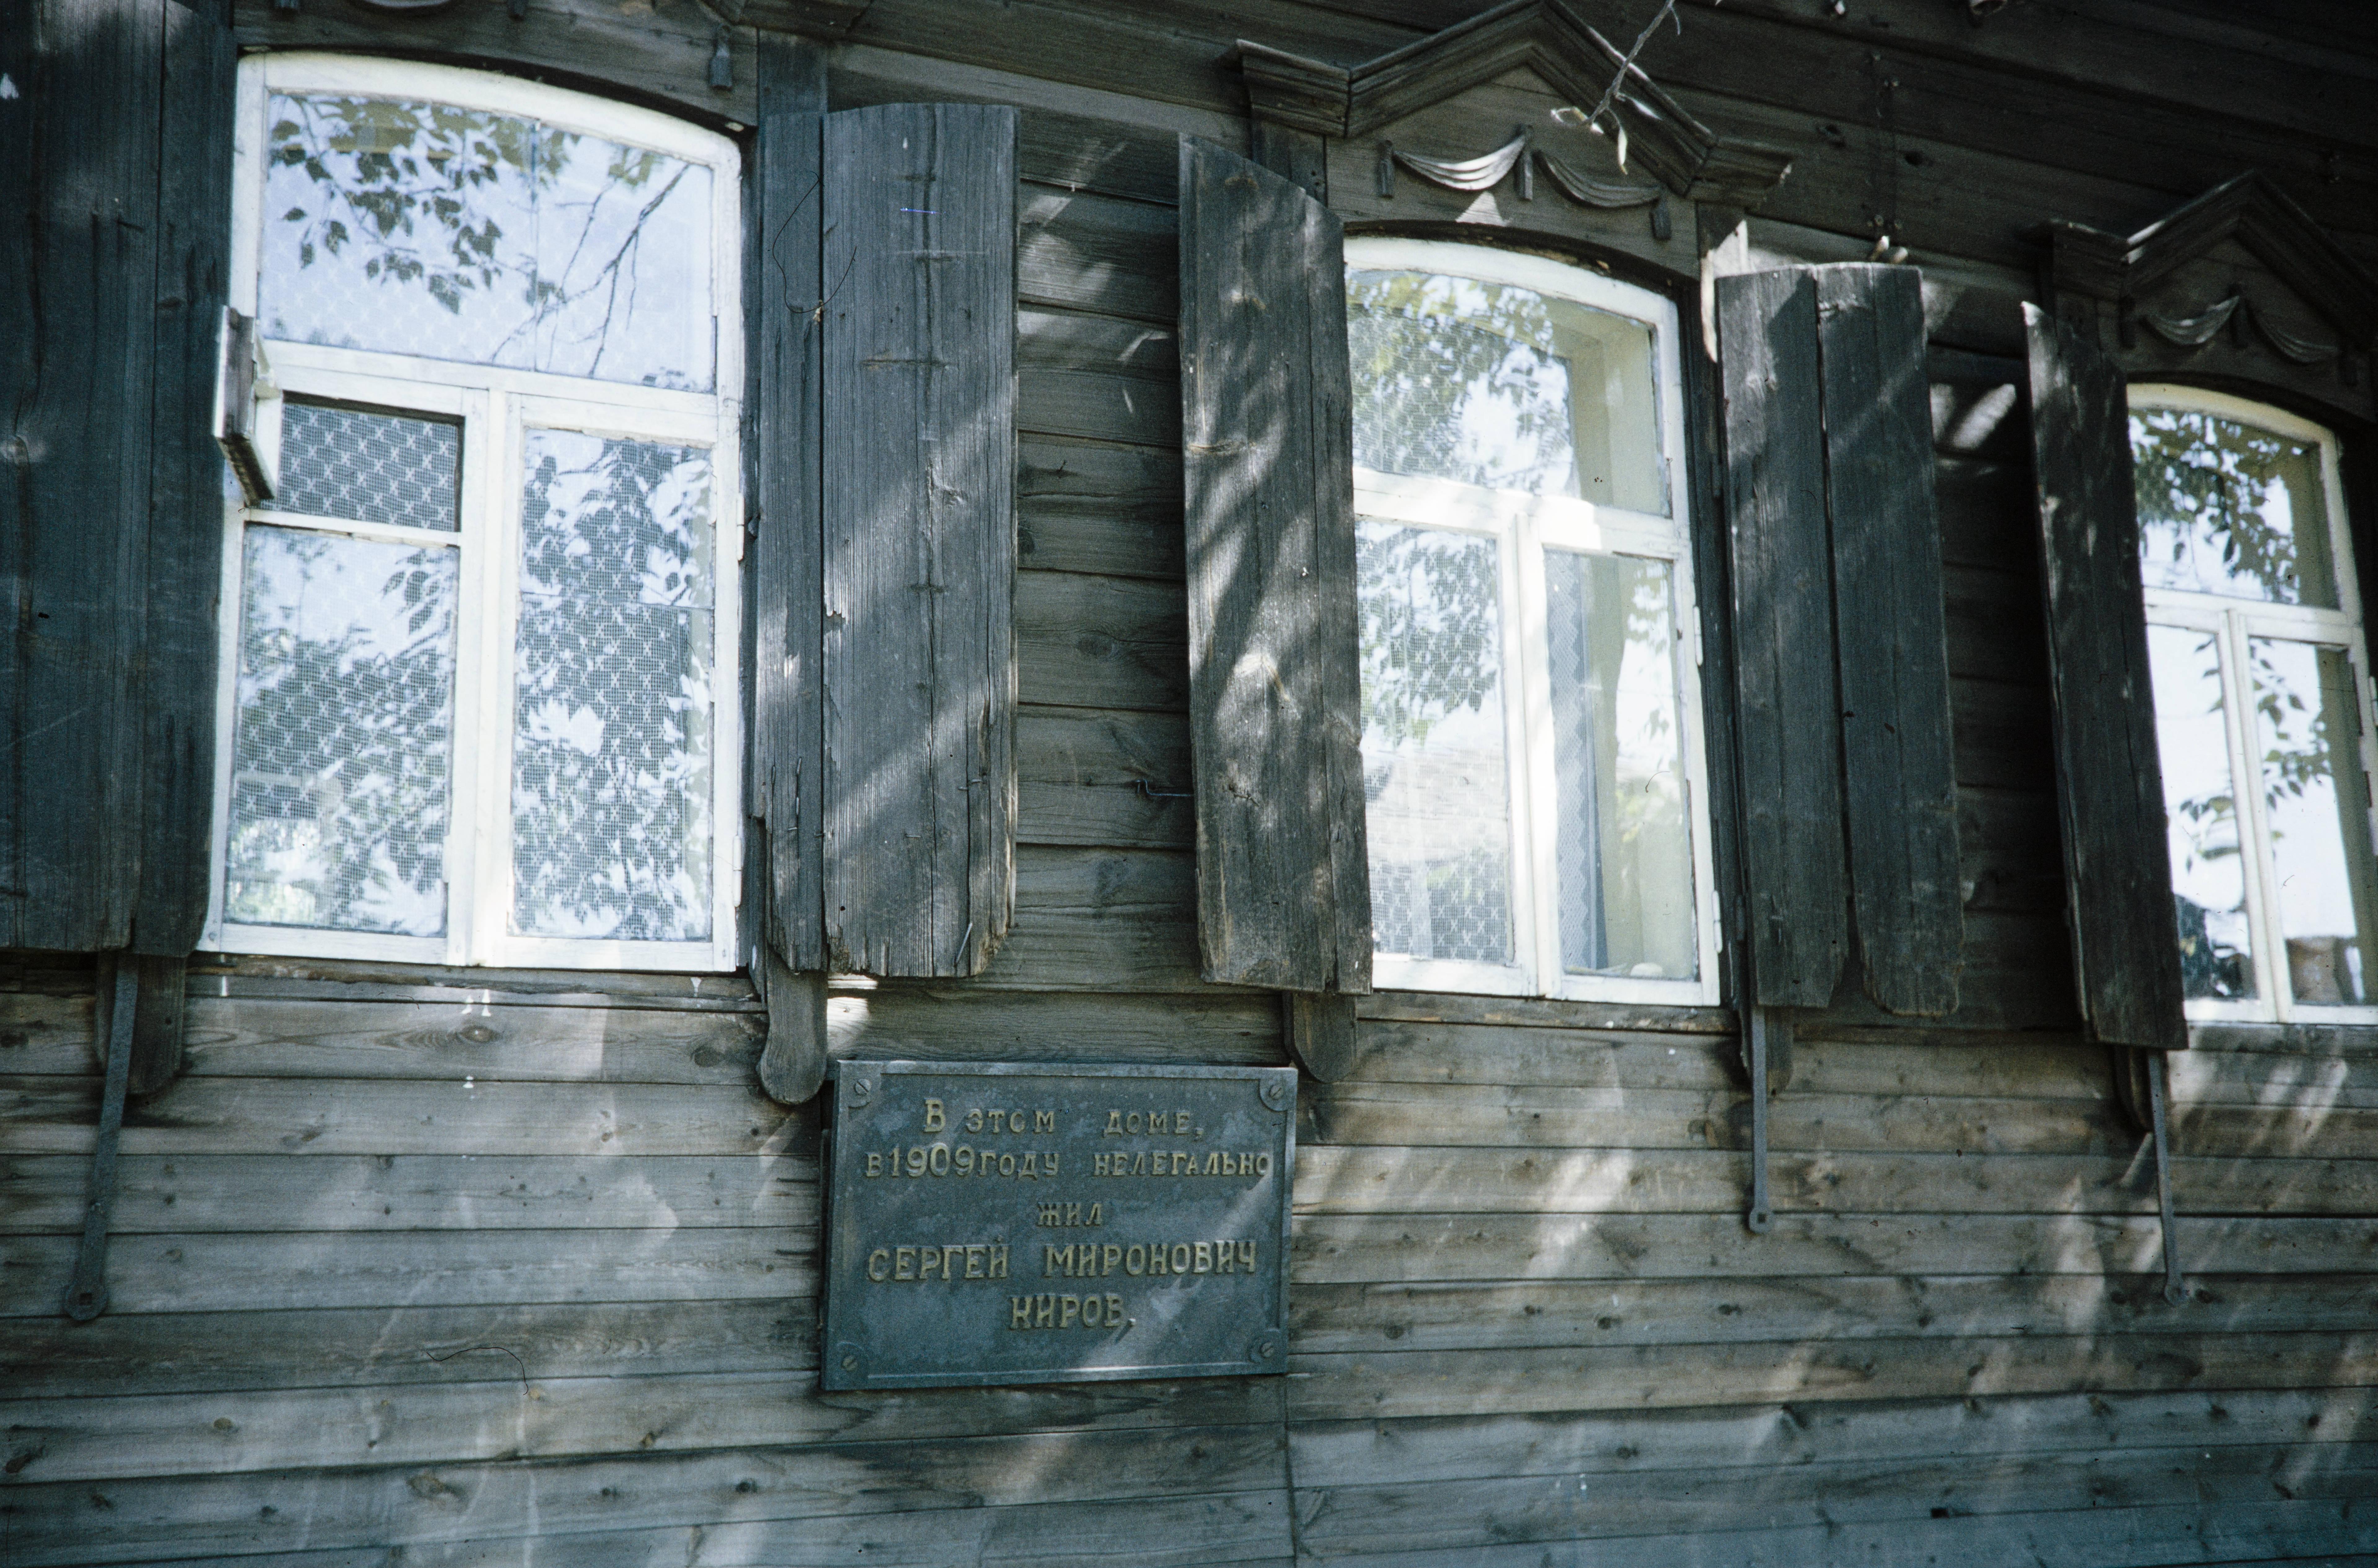 Улица Халтурина, 2. «В этом доме в 1909 году нелегально жил Сергей Миронович Киров»